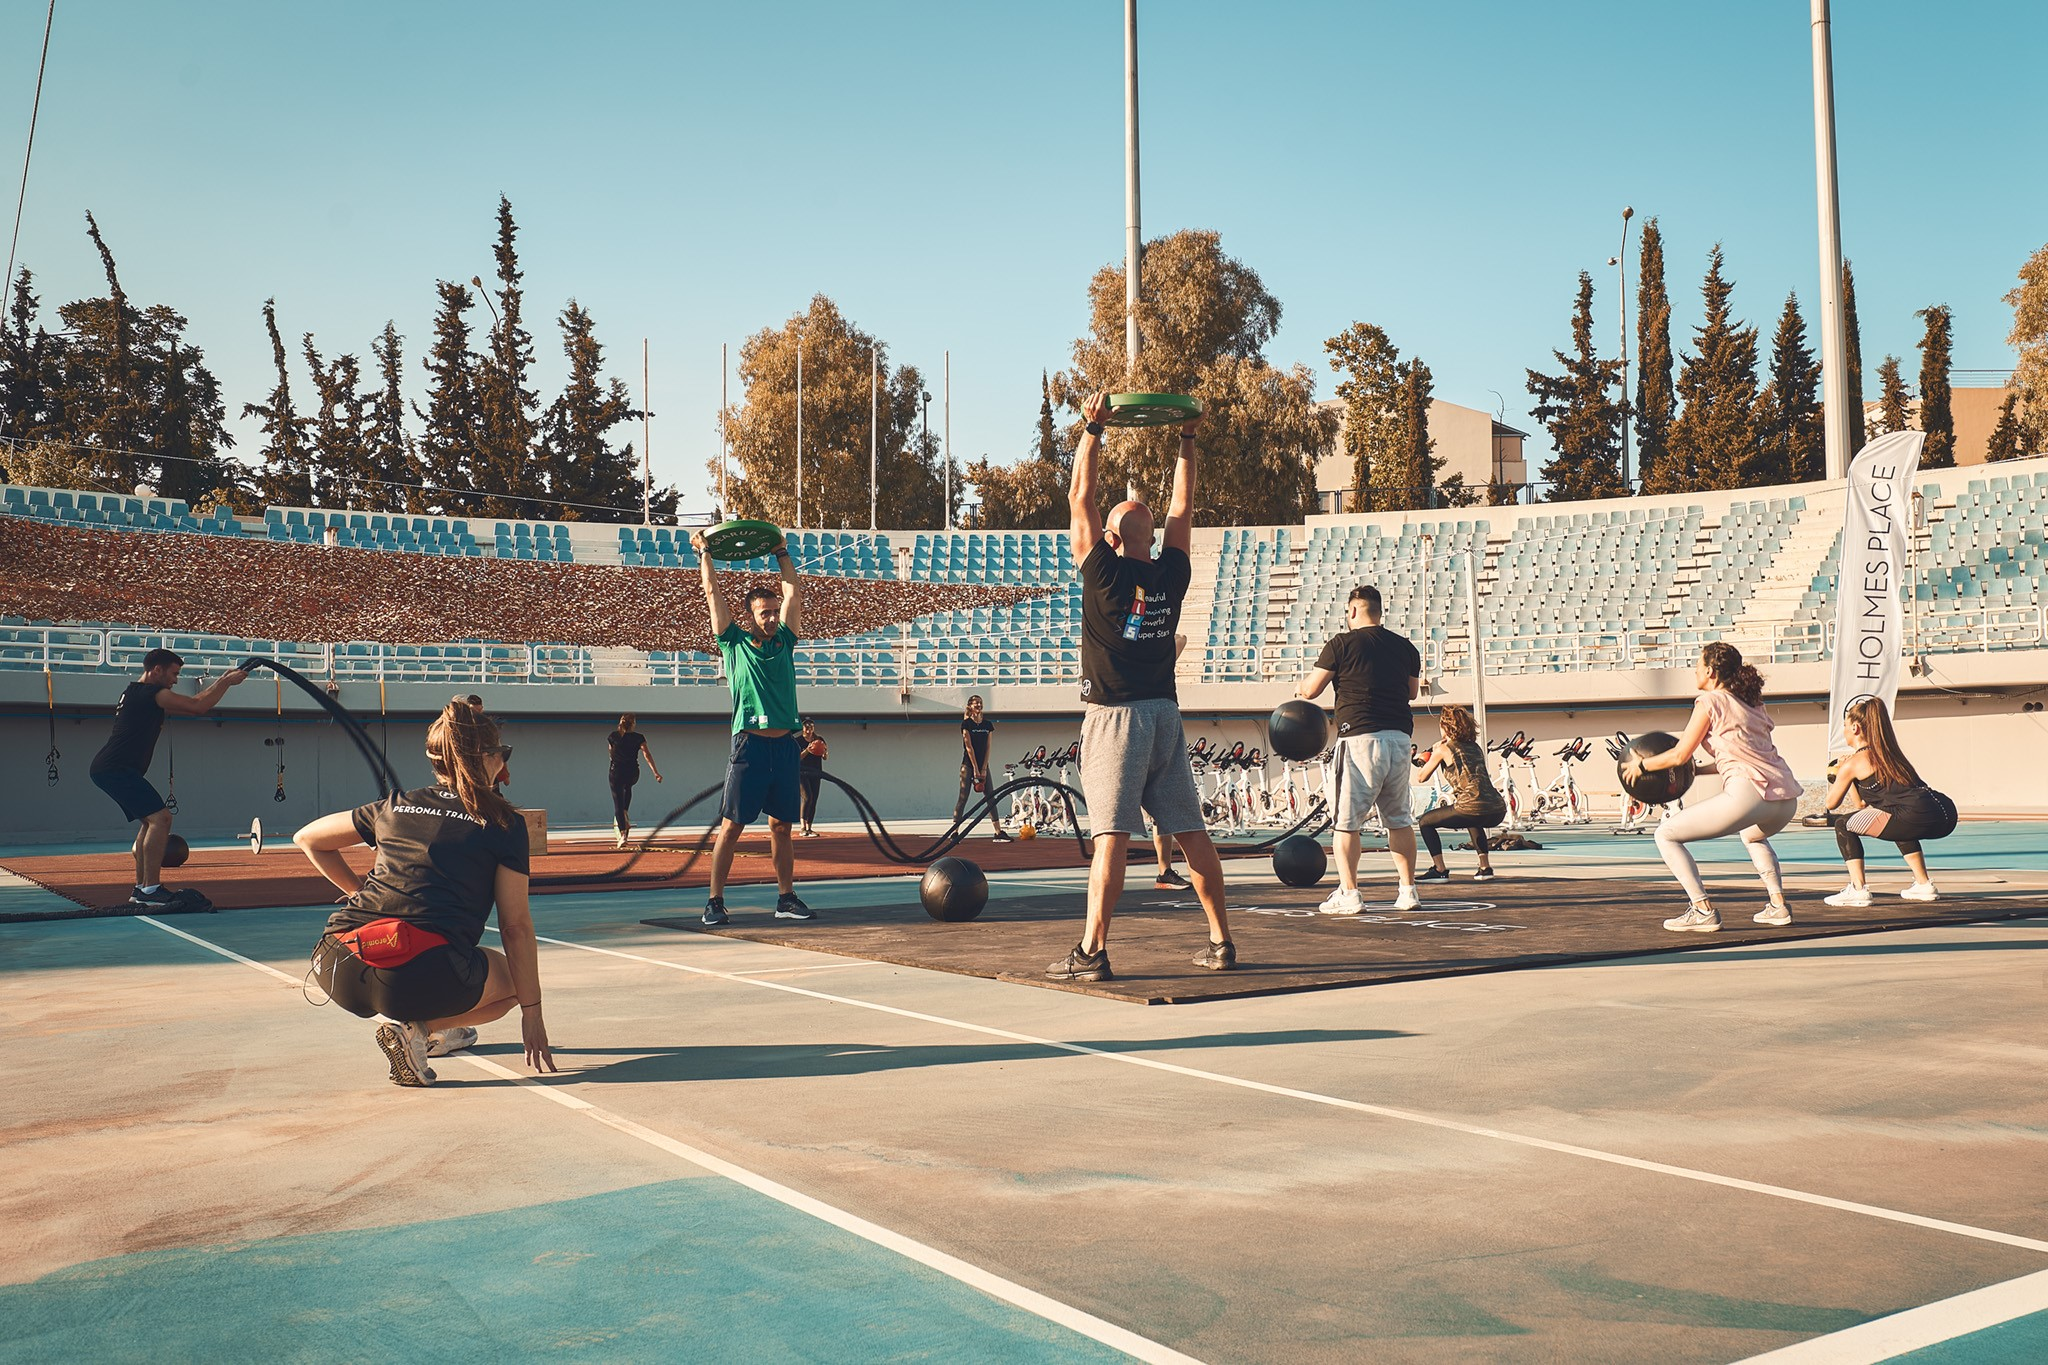 7 στους 10 Έλληνες επιθυμούν την επαναλειτουργία των χώρων προπόνησης – Έρευνα της Holmes Place Greece